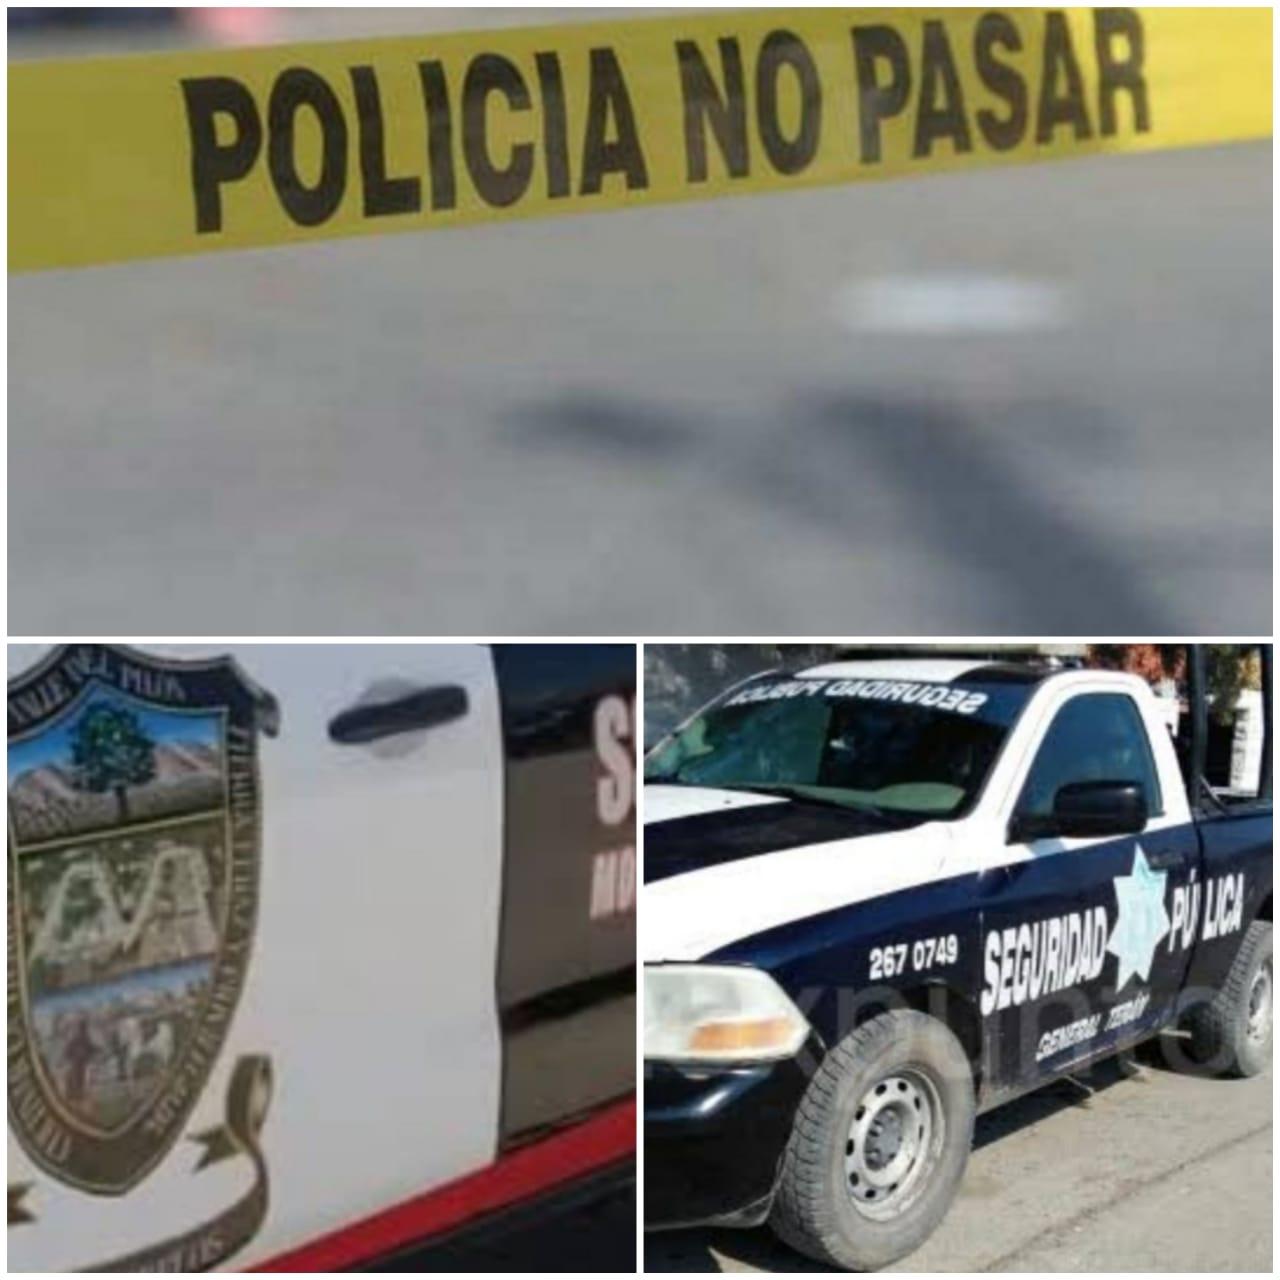 LLEGA COVID 19 A LAS CORPORACIONES POLICÍACAS DE LA REGIÓN, HAY DOS POLICÍAS CONTAGIADOS